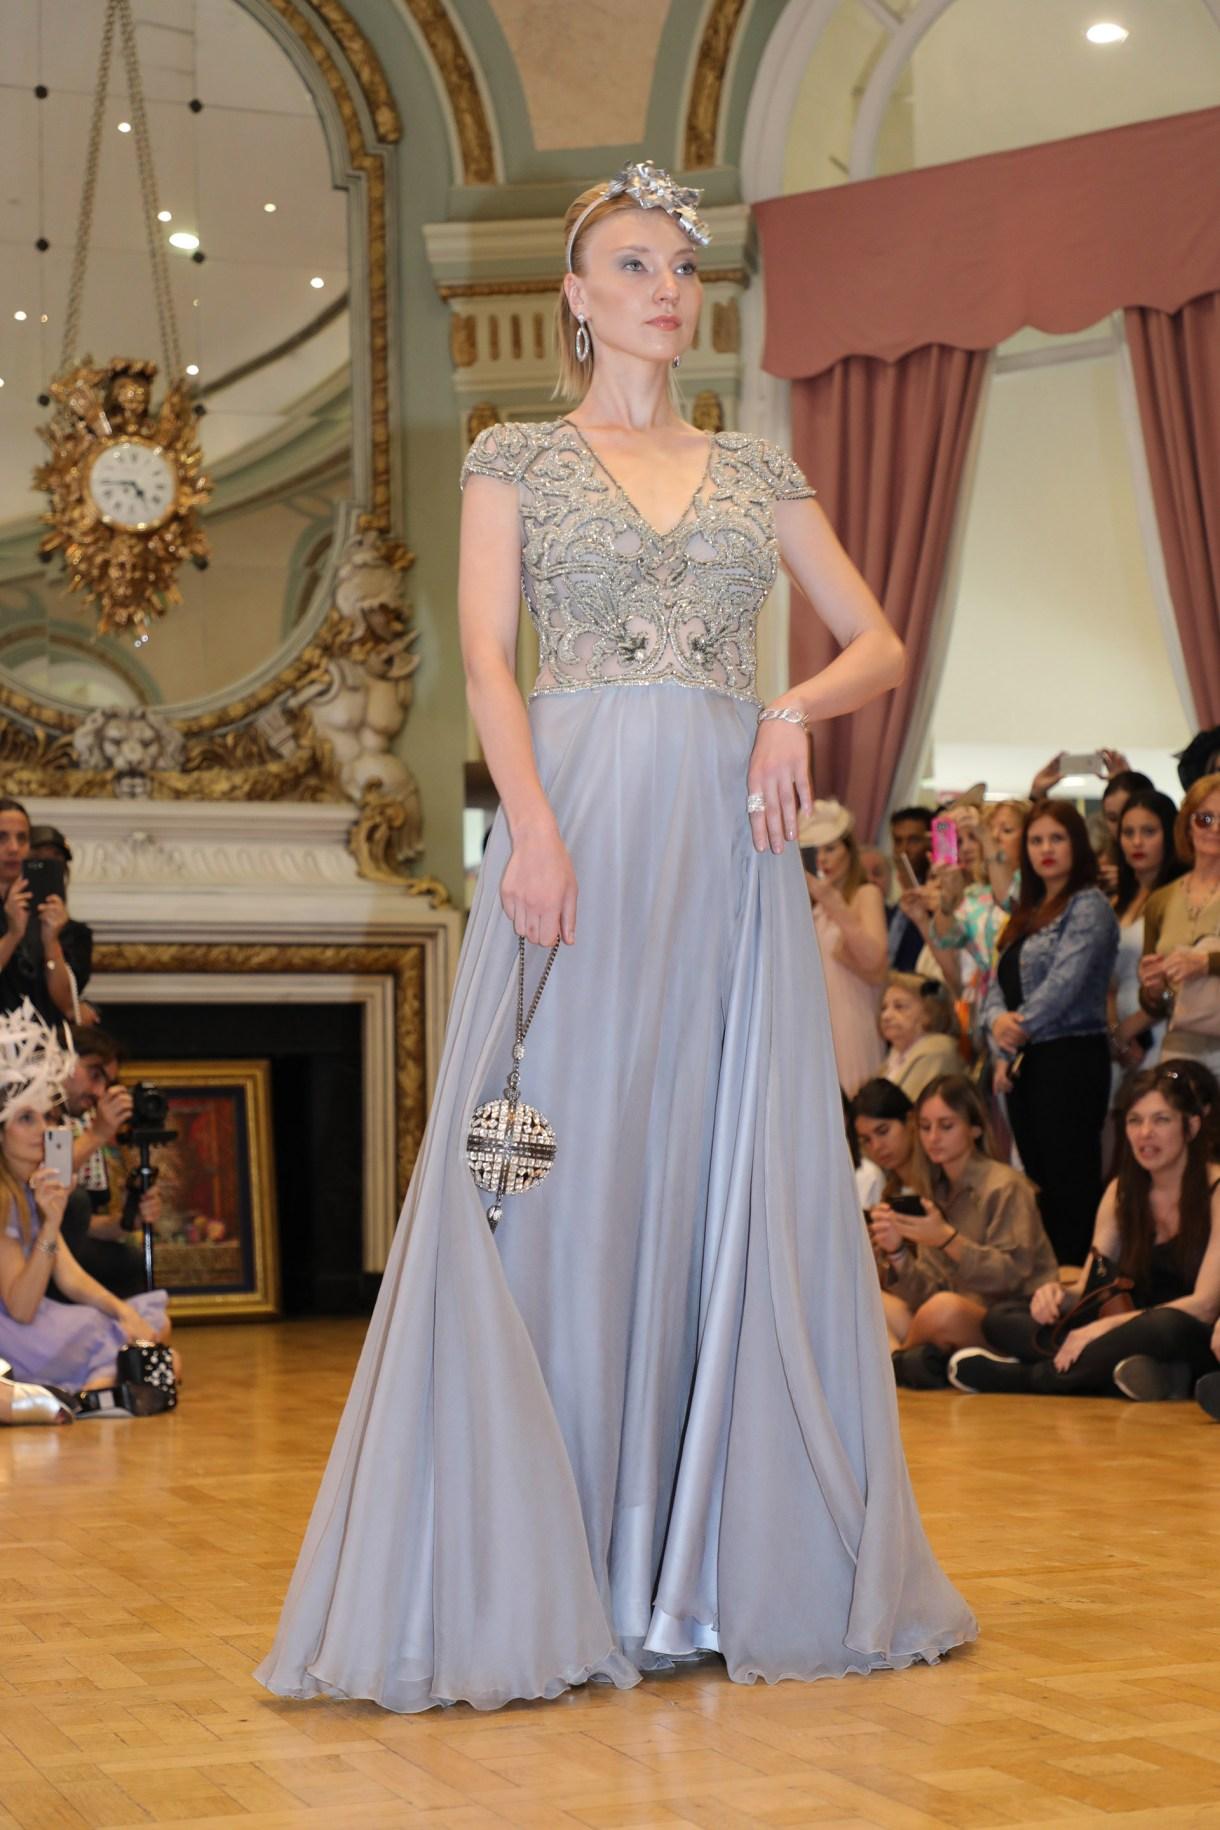 El estilo y la tradición que revelan esos maravillosos colores, fascinators y escultóricos diseños de las mujeres en Royal Ascot, se trasladaron a la pasarela de moda, ubicada en el exterior de la Tribuna Oficial del Hipódromo Argentino de Palermo